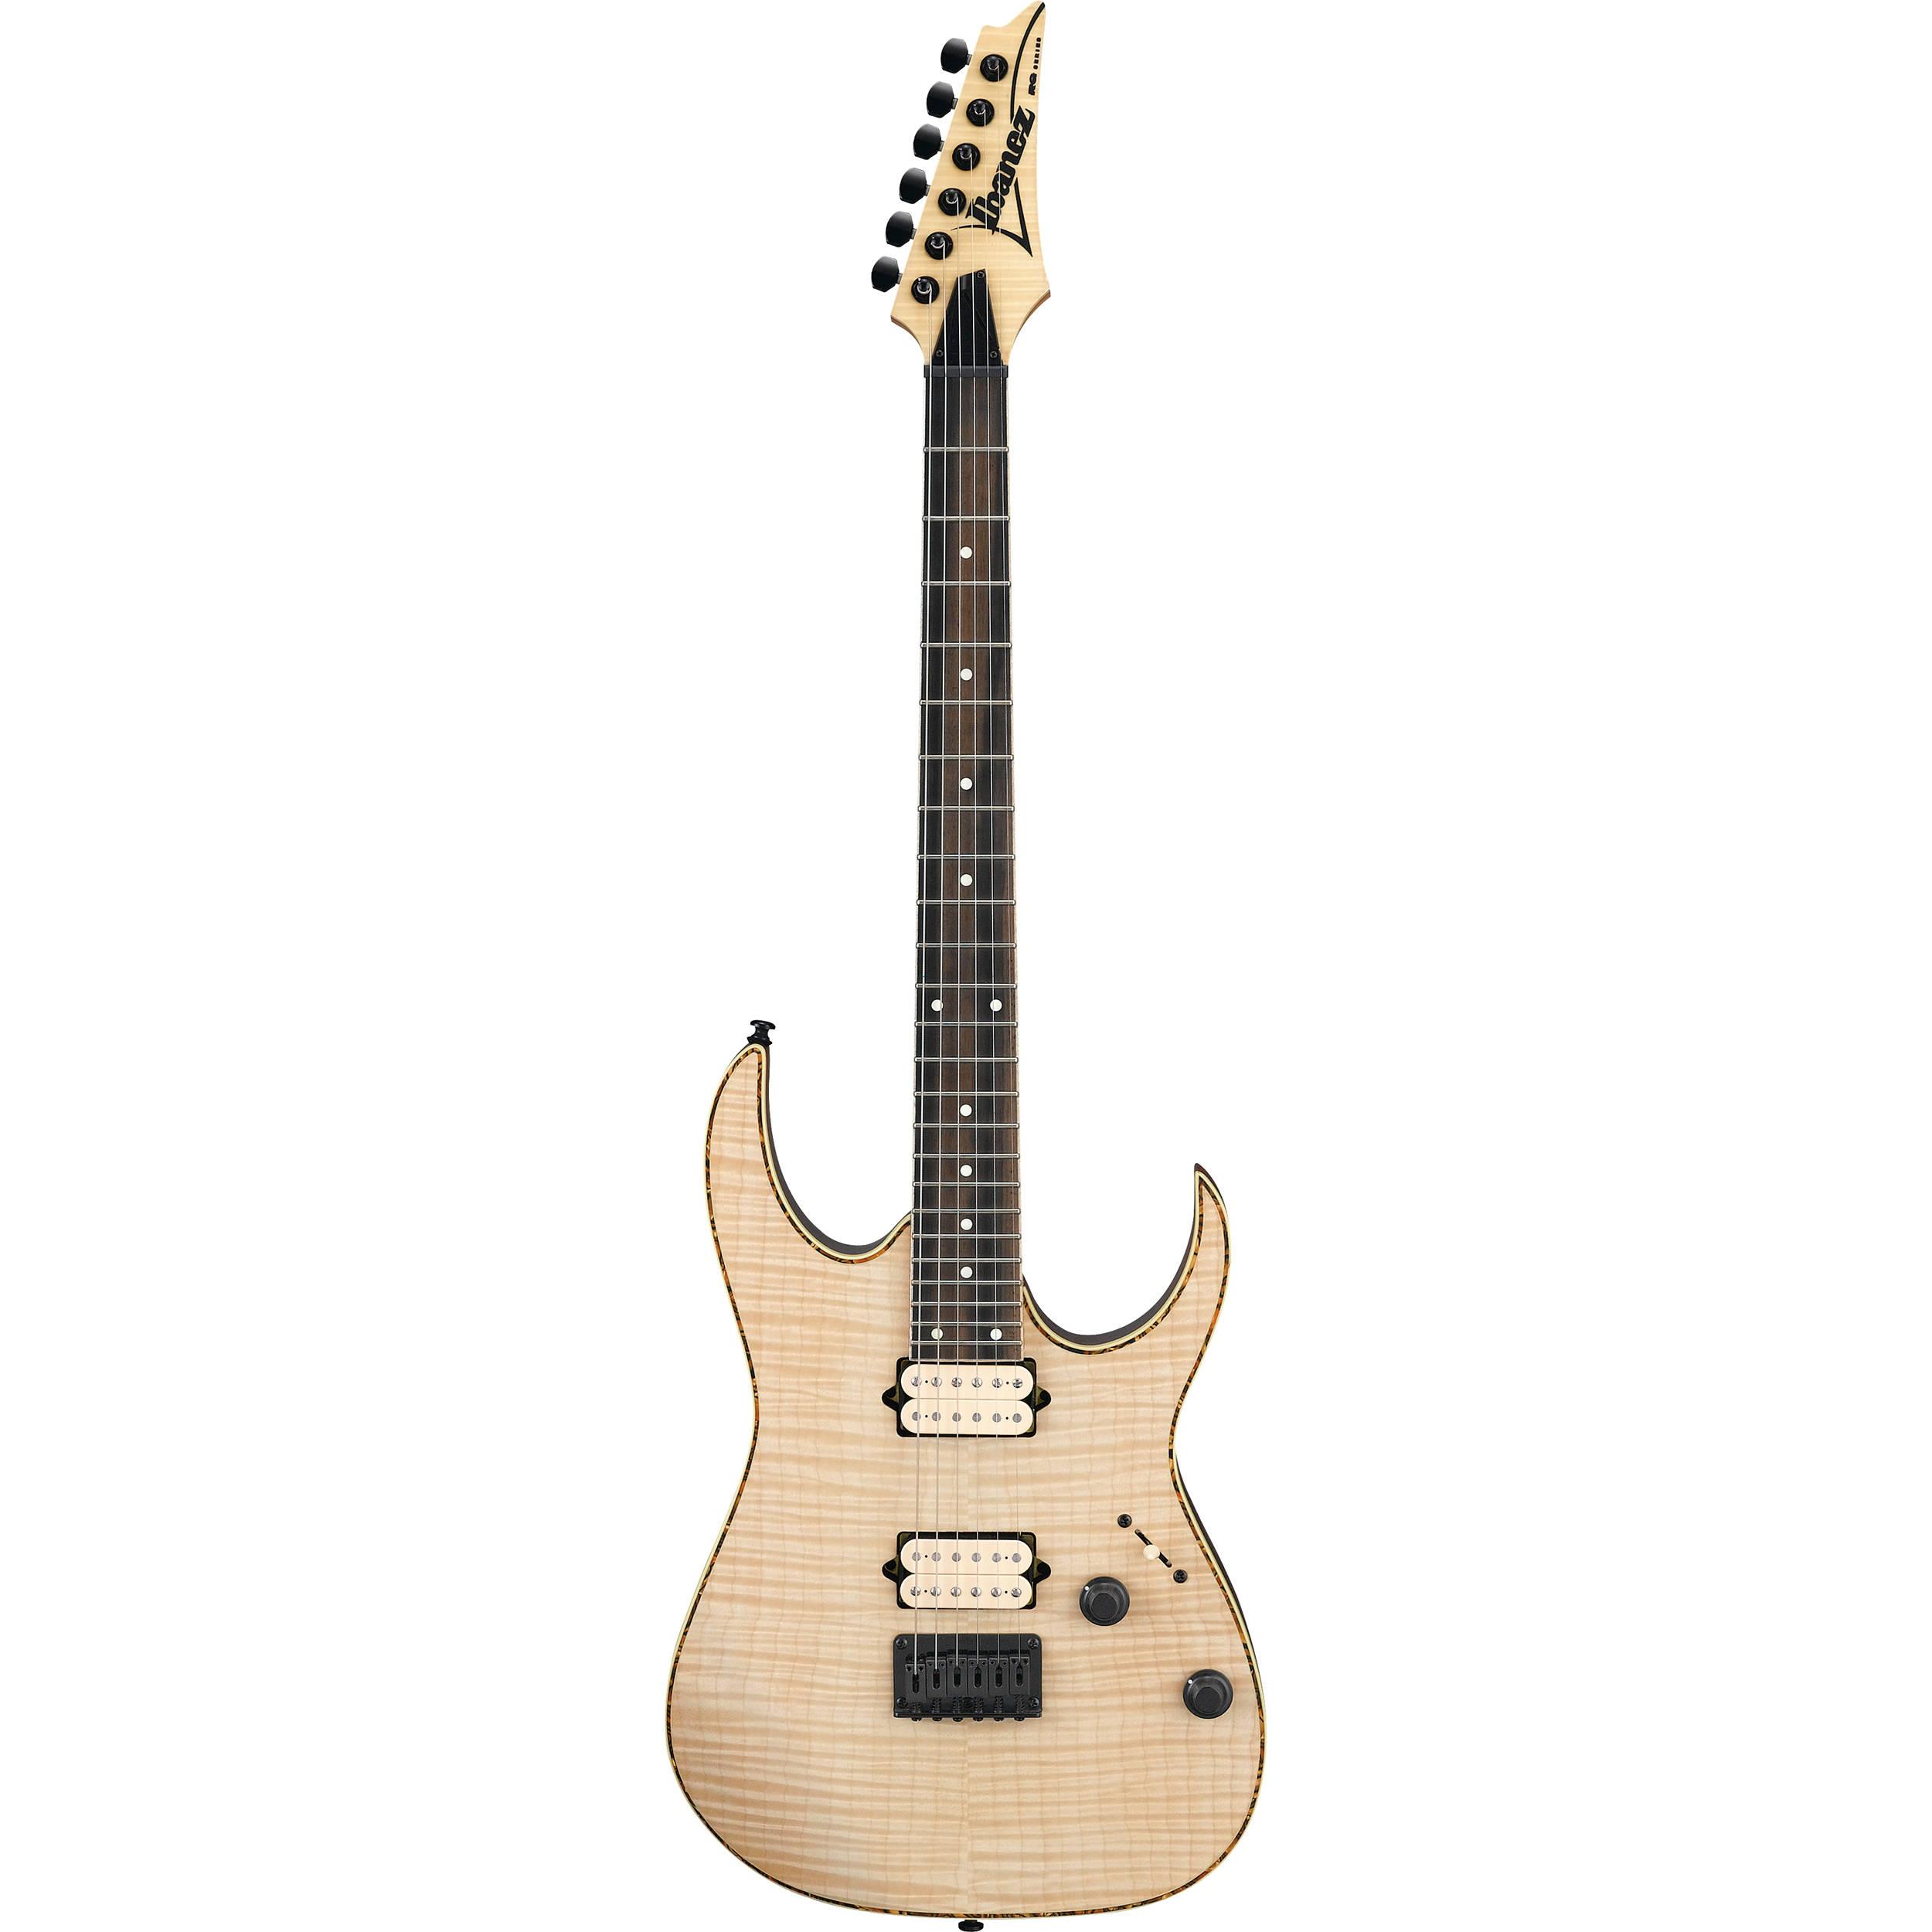 ibanez rgew521fm rg standard series electric guitar rgew521fmntf. Black Bedroom Furniture Sets. Home Design Ideas